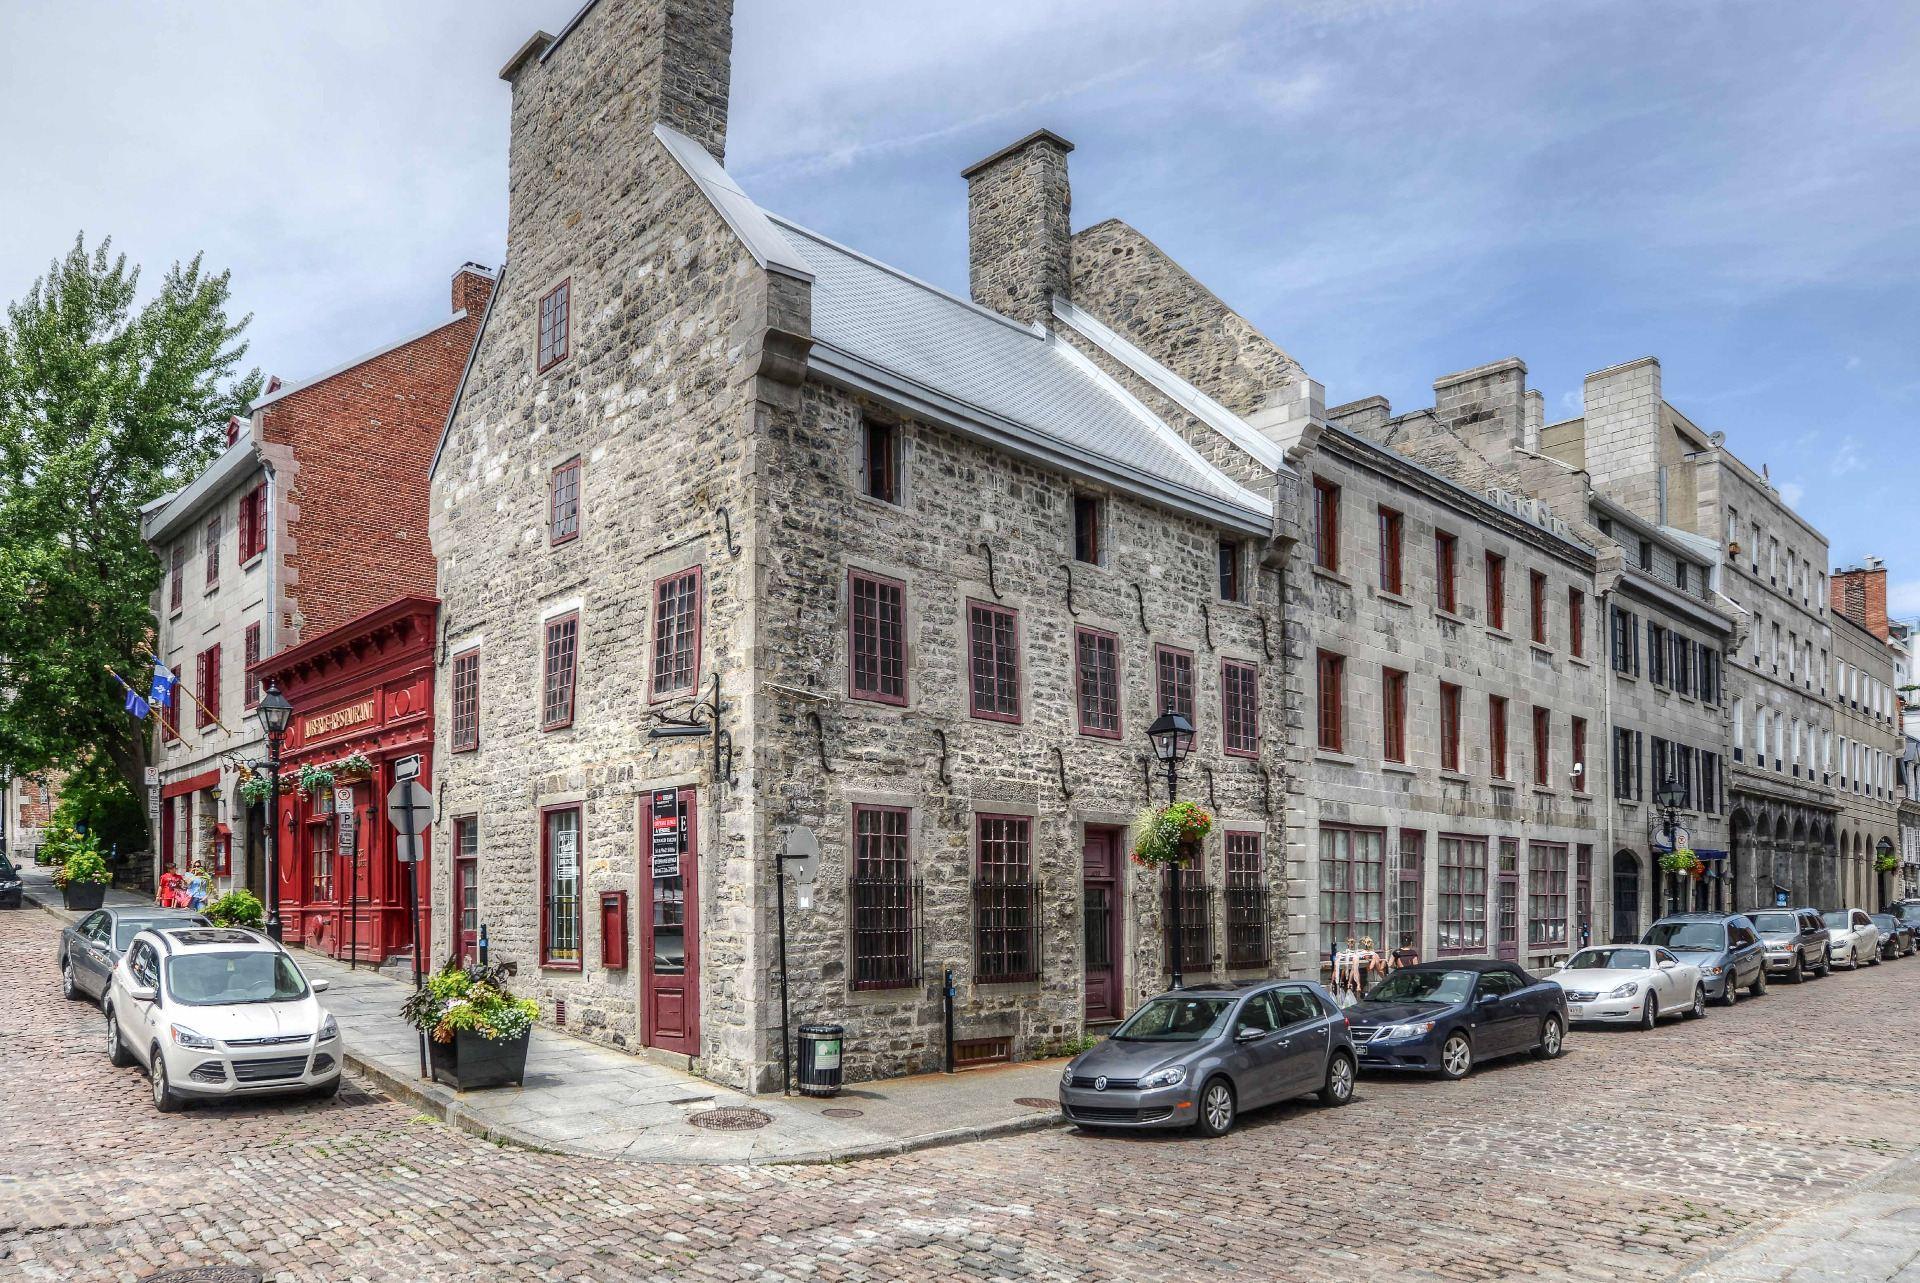 Un historique ch teau est pr sentement en vente pour 9 5 millions de dollars dans le vieux - La maison du hamac quebec ...